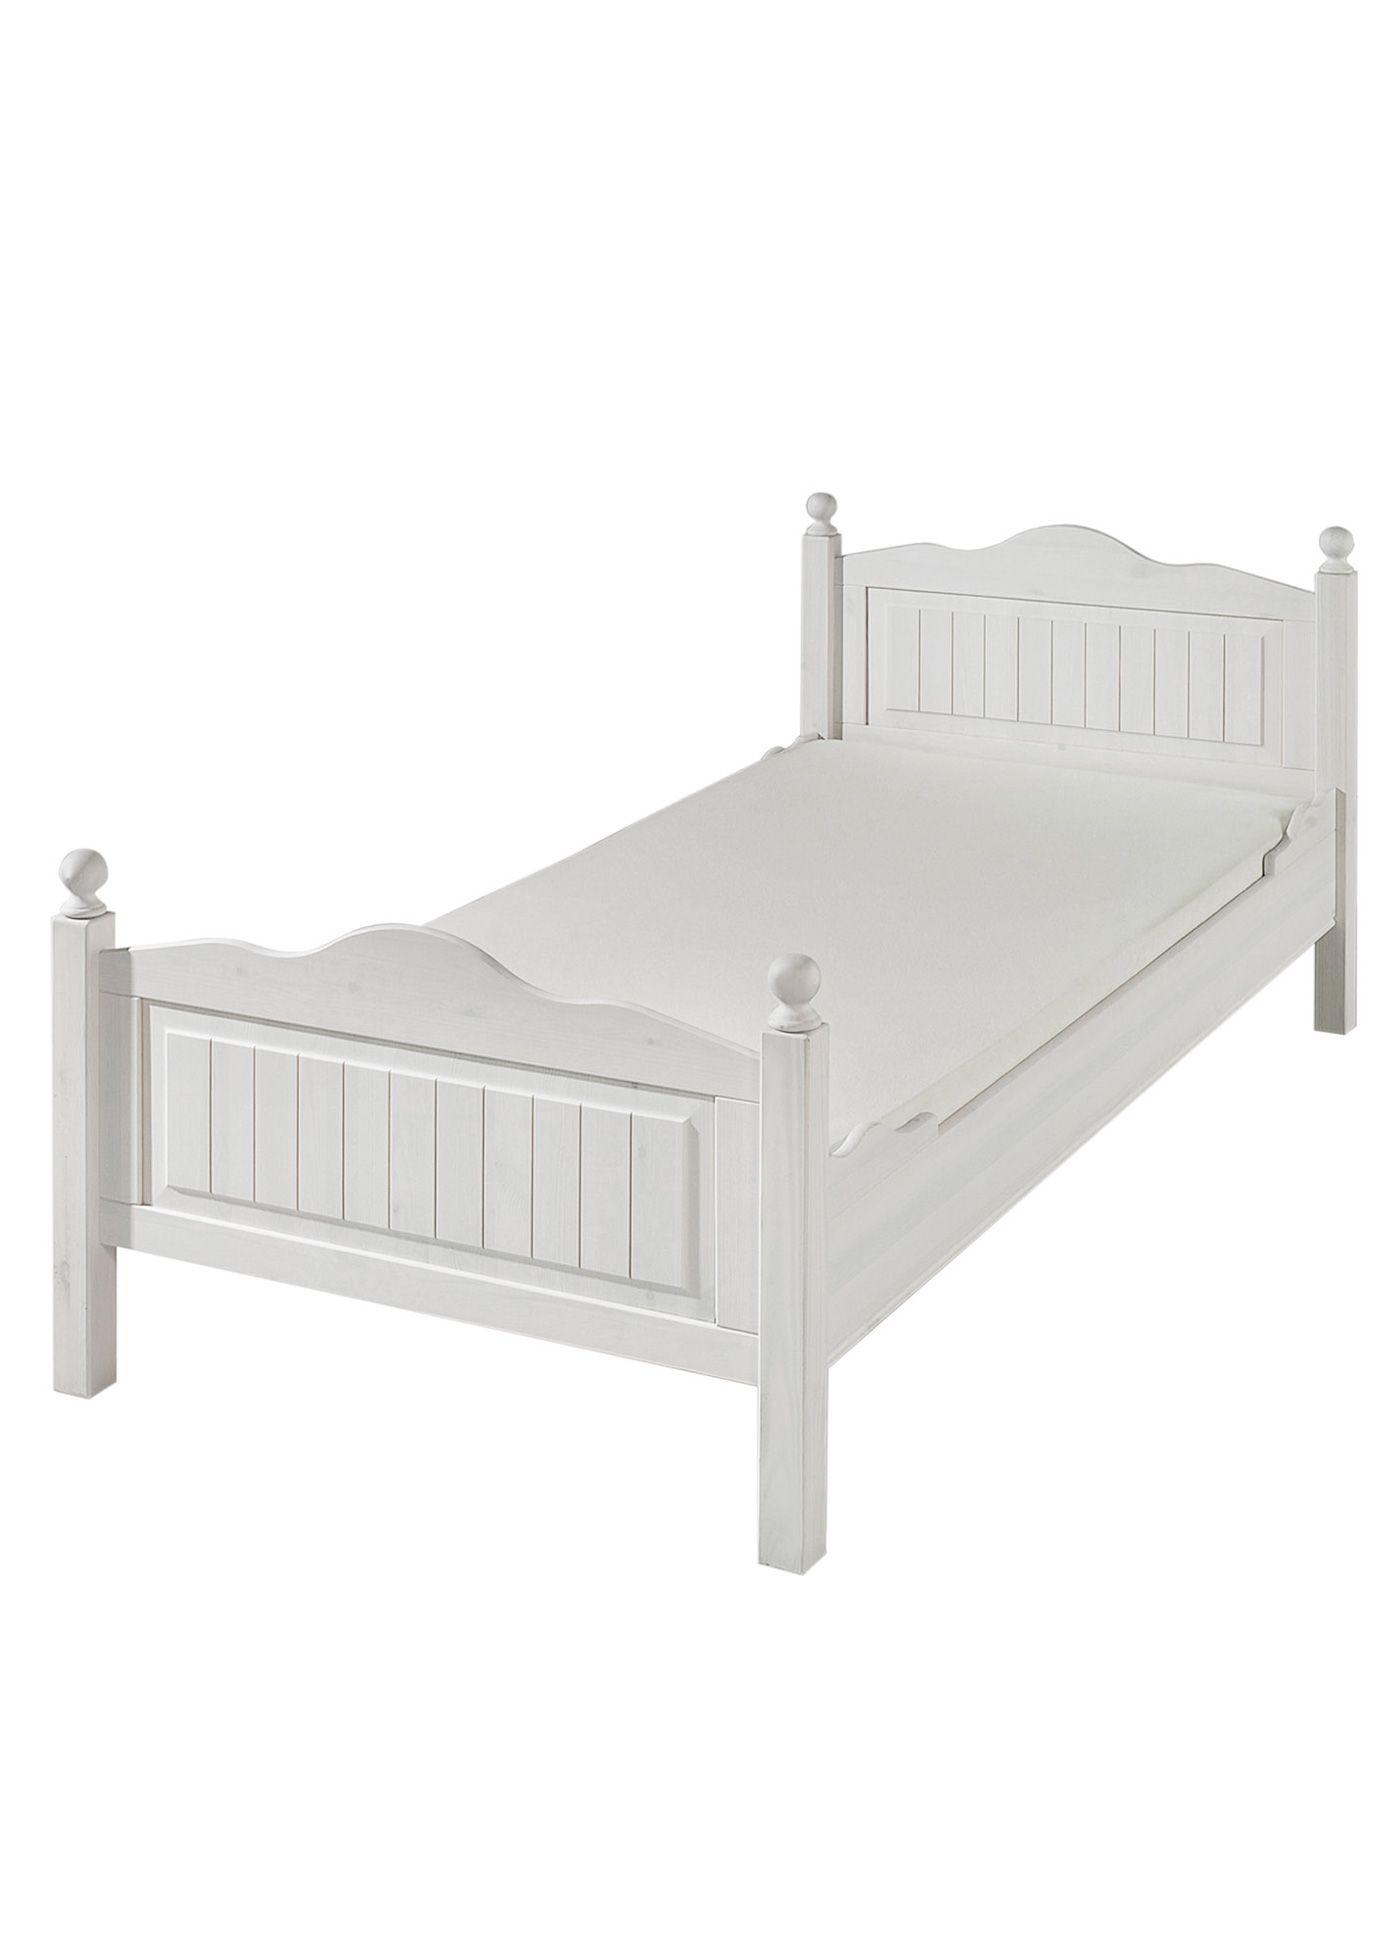 Faszinierend Bett 90x200 Weiß Galerie Von